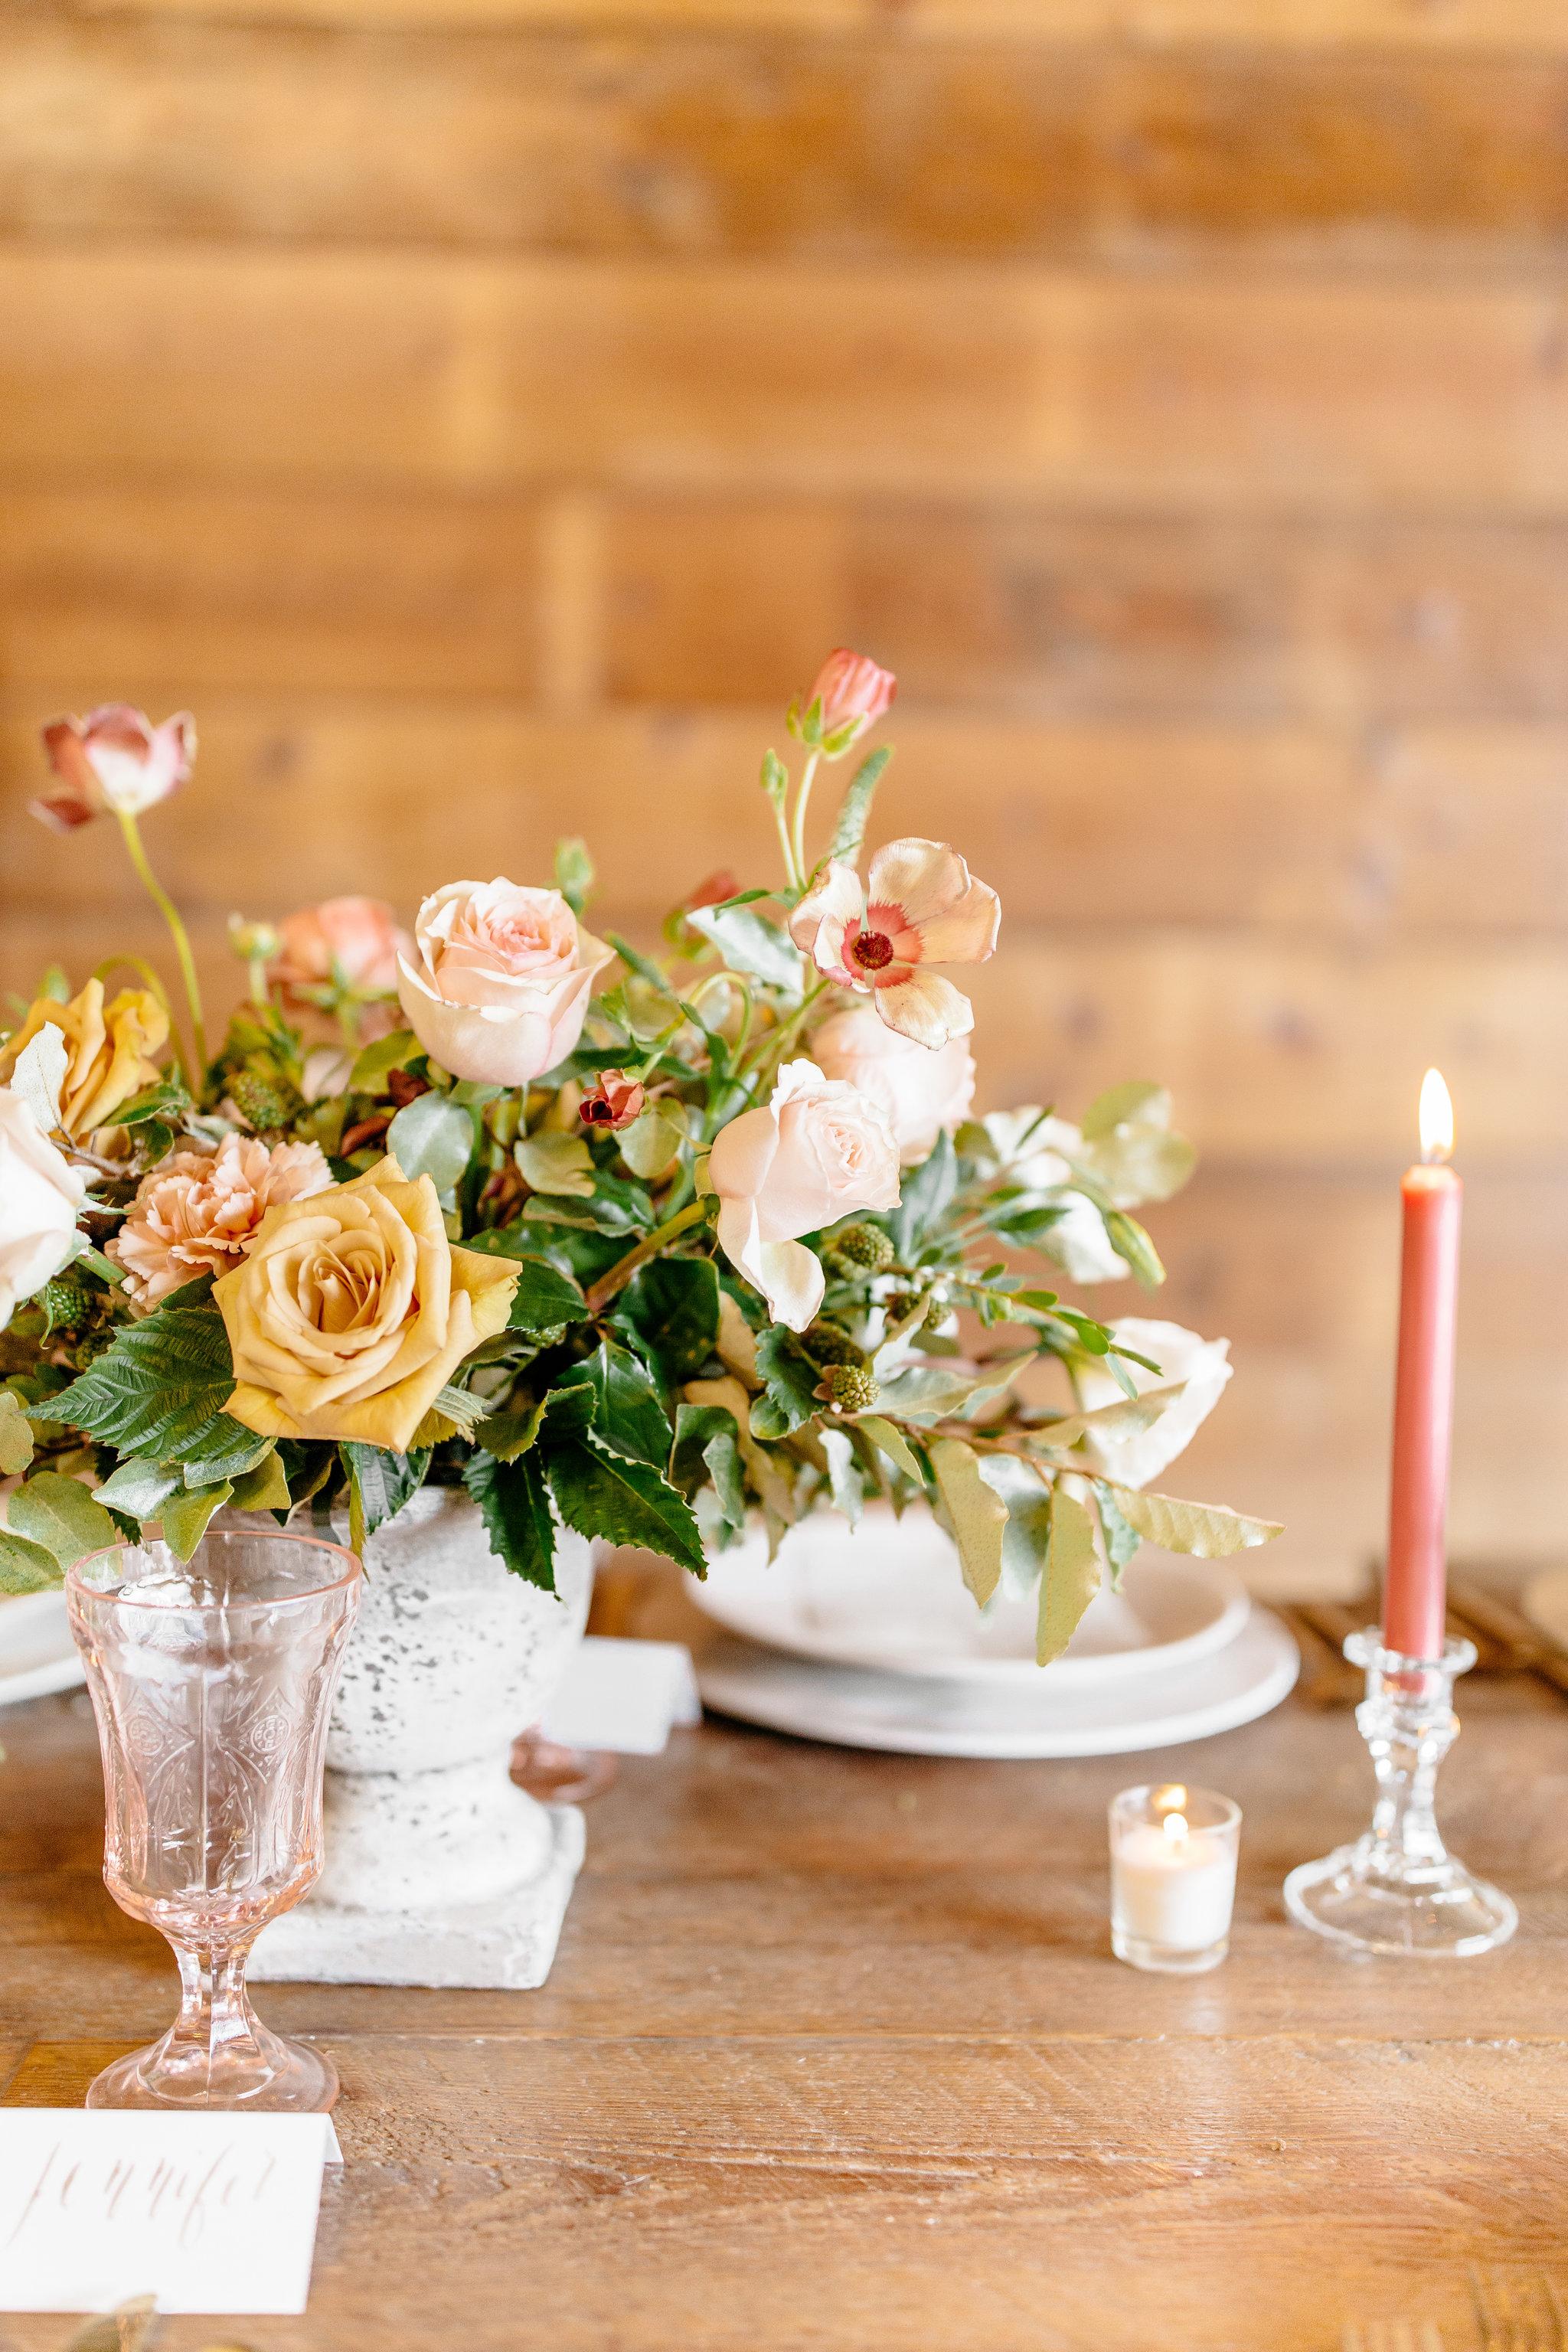 Alexa-Vossler-Photo_Dallas-Wedding-Photographer_Photoshoot-at-the-Station-McKinney_Empower-Event-86.jpg